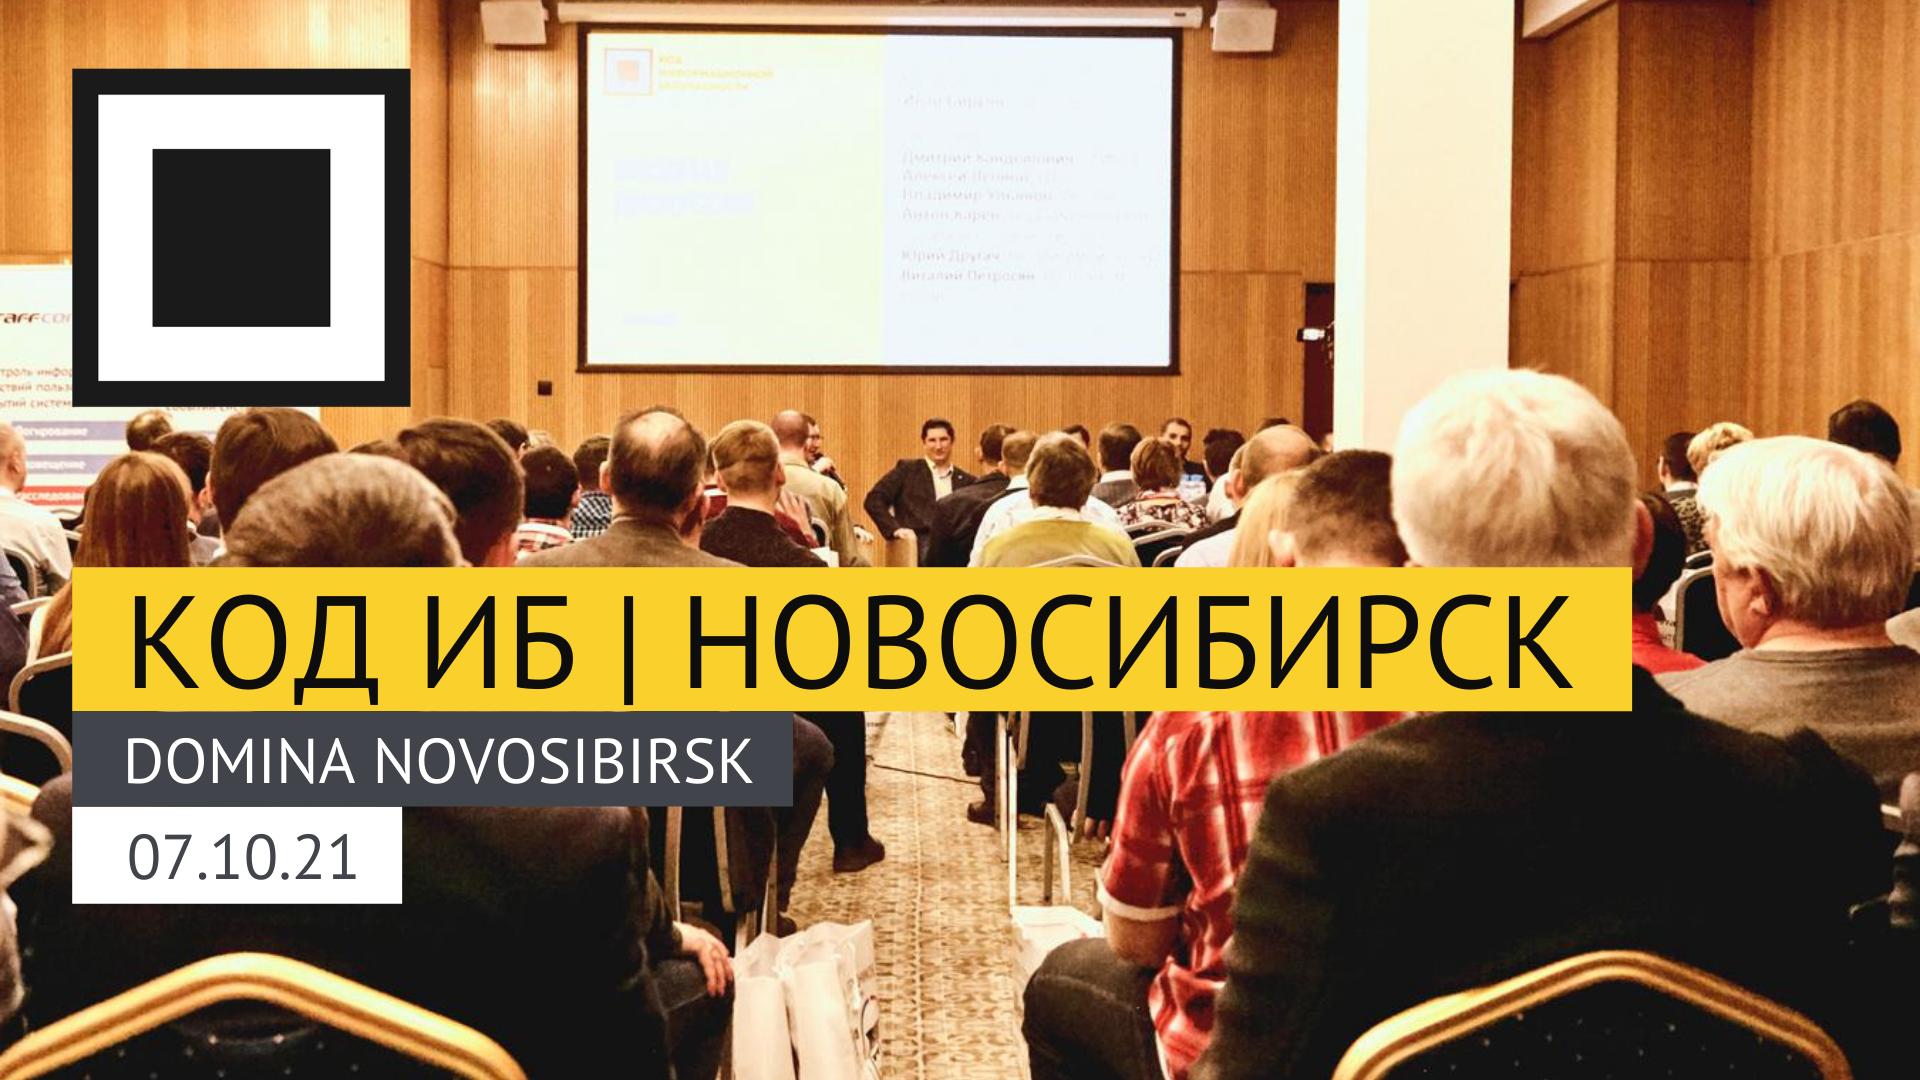 Специалисты по информационной безопасности Сибири вновь встретятся на конференции Код ИБ